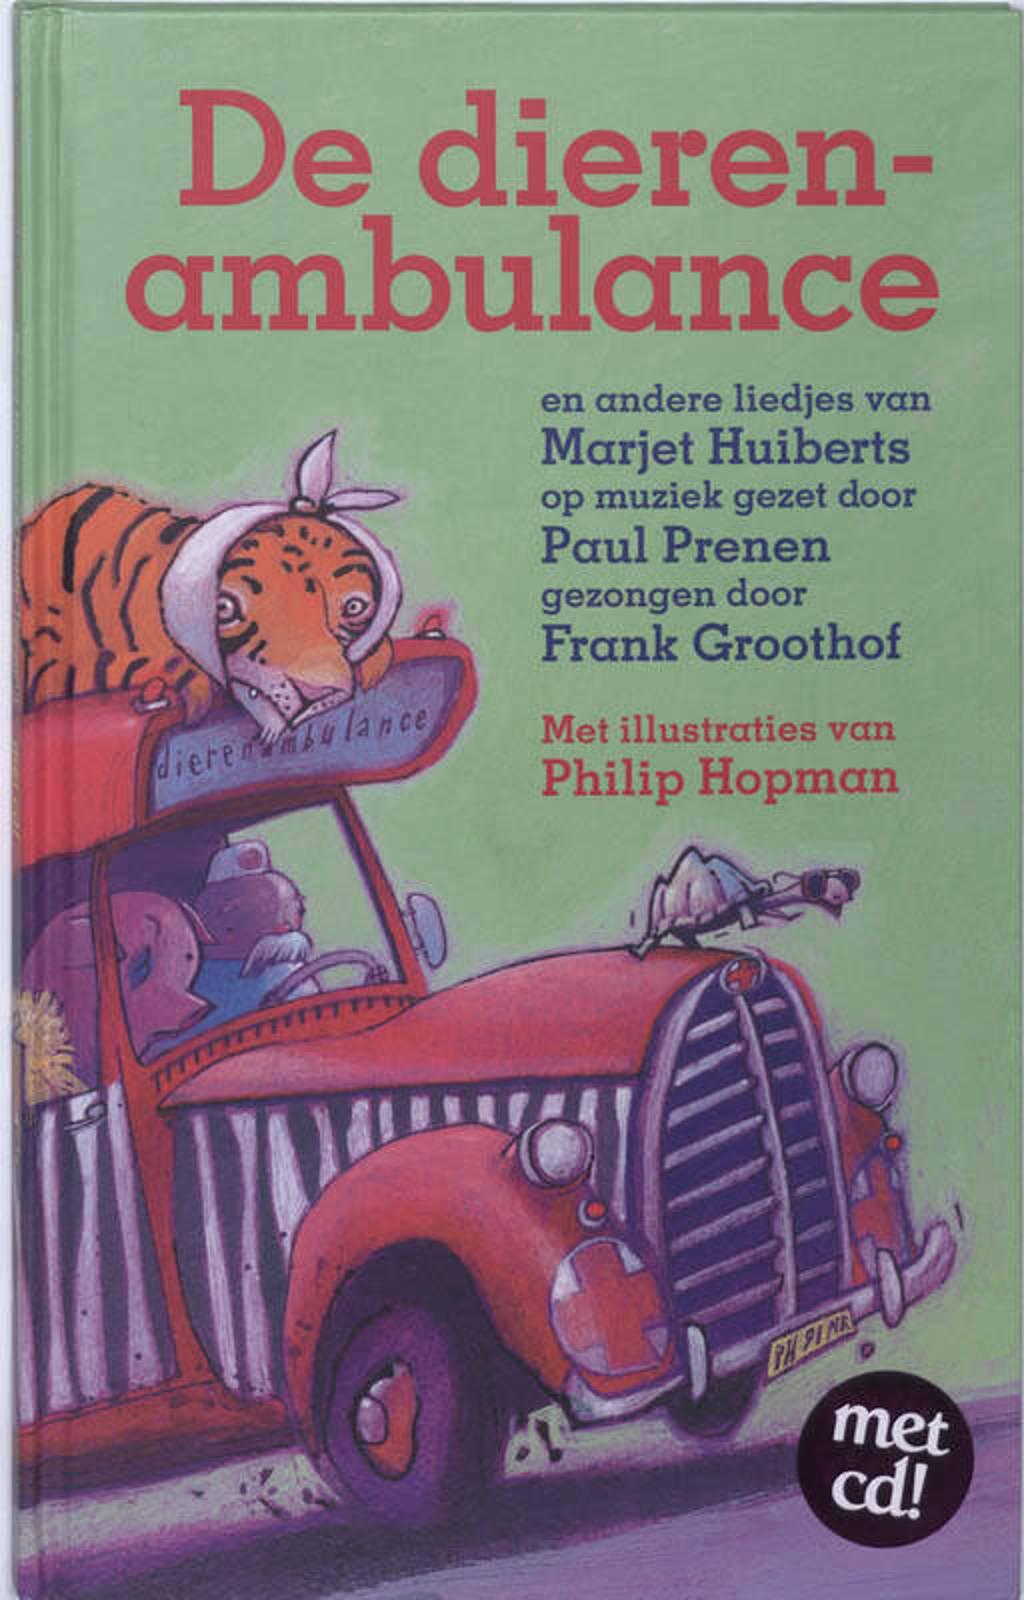 De dierenambulance - Marjet Huiberts, Frank Groothof en Philip Hopman